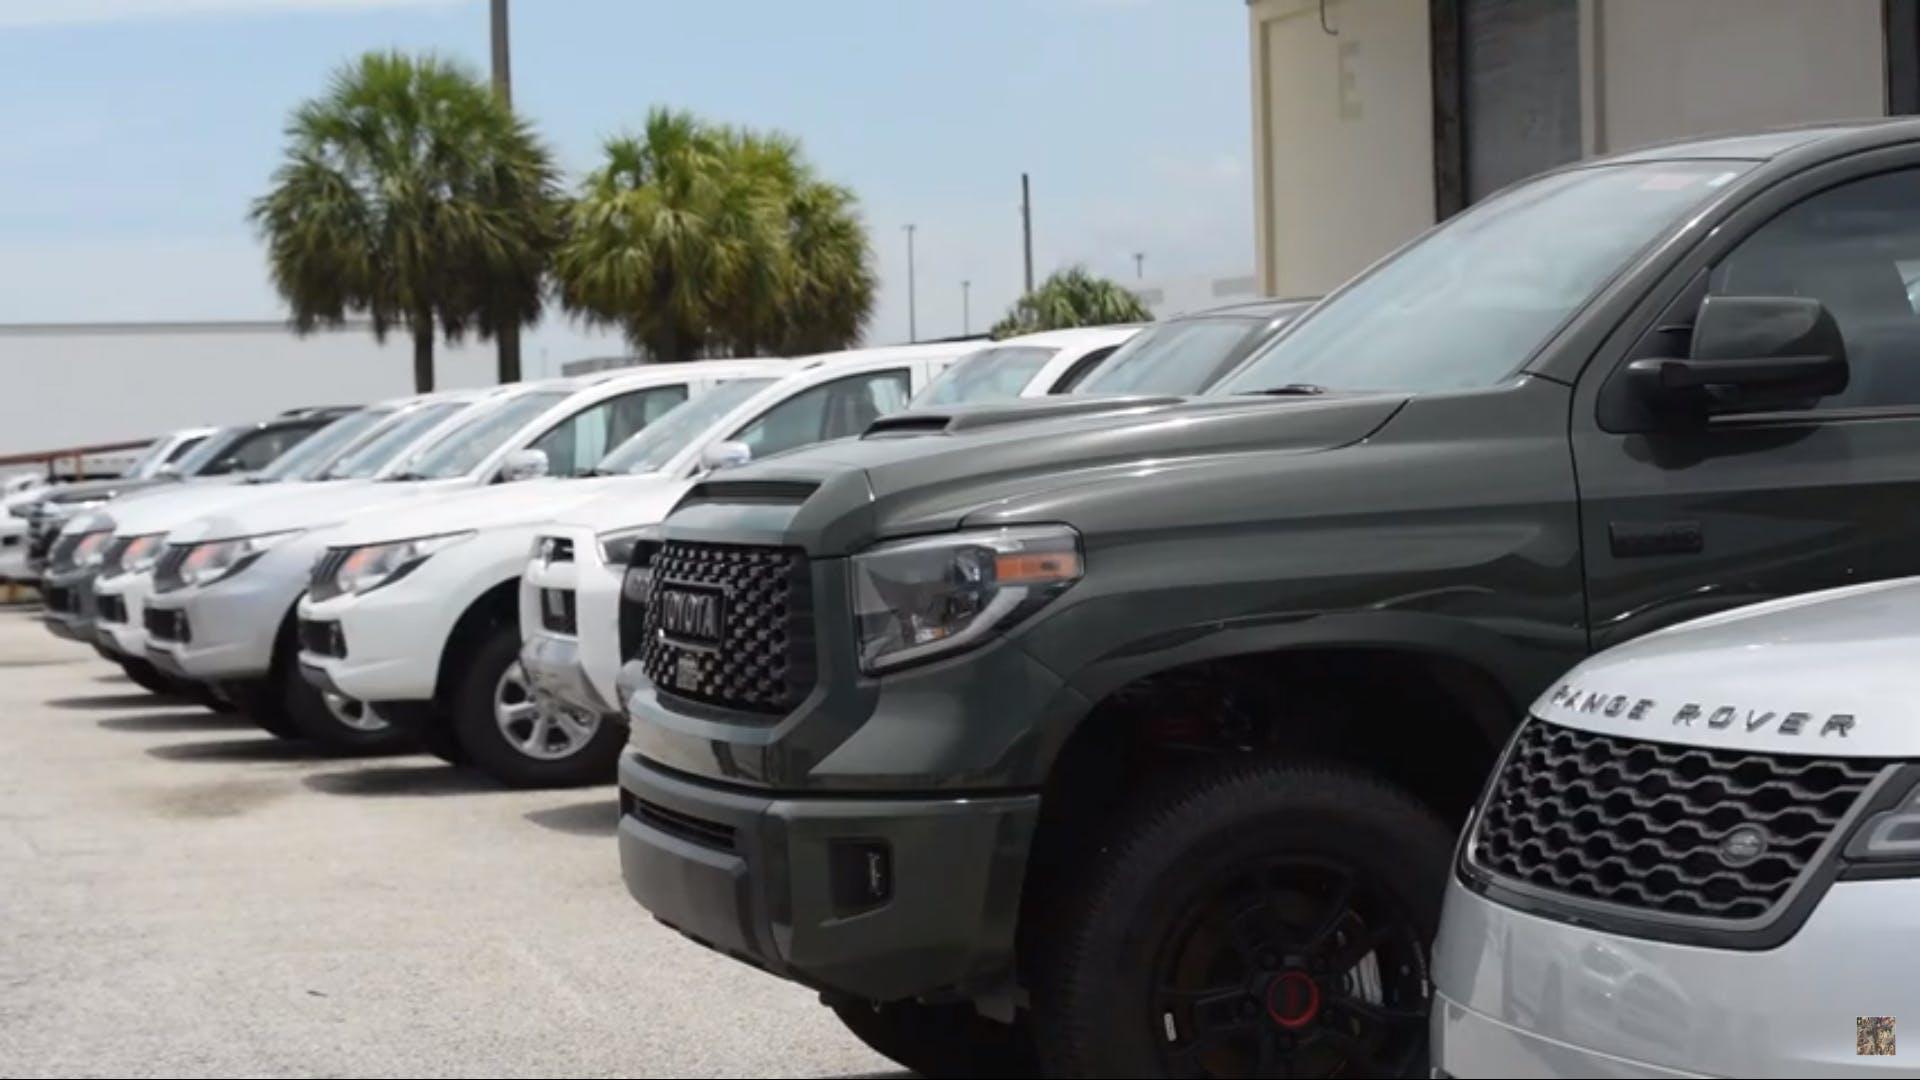 Amerika Nyaris Kecolongan Lebih 80 Mobil Mewah Diselundupkan Carvaganza Com